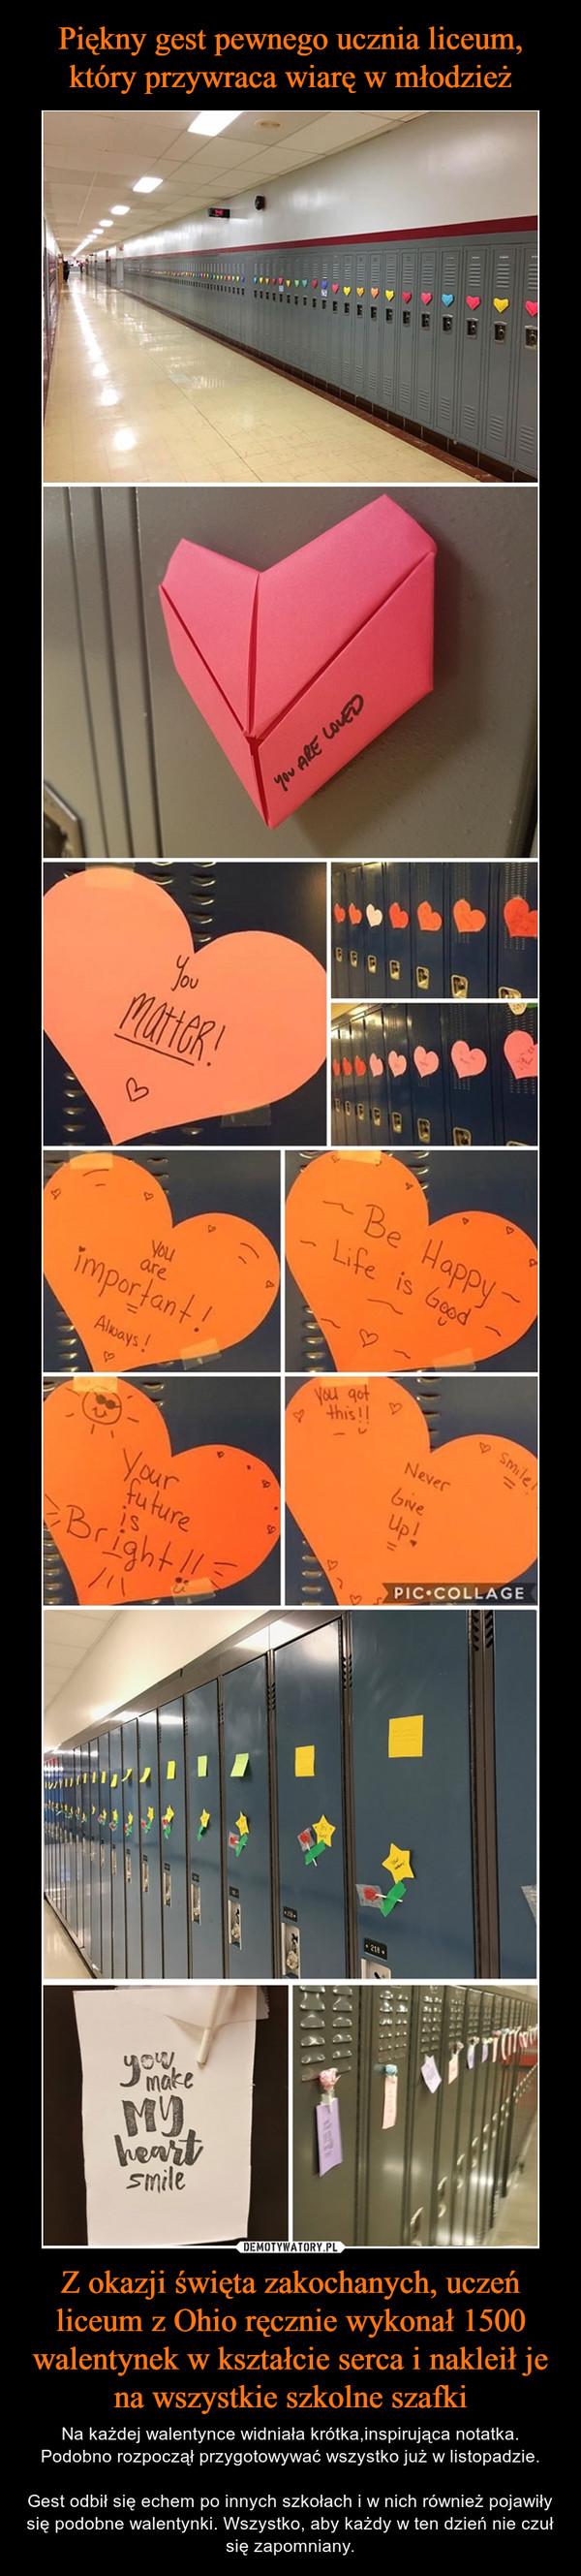 Z okazji święta zakochanych, uczeń liceum z Ohio ręcznie wykonał 1500 walentynek w kształcie serca i nakleił je na wszystkie szkolne szafki – Na każdej walentynce widniała krótka,inspirująca notatka. Podobno rozpoczął przygotowywać wszystko już w listopadzie.Gest odbił się echem po innych szkołach i w nich również pojawiły się podobne walentynki. Wszystko, aby każdy w ten dzień nie czuł się zapomniany.